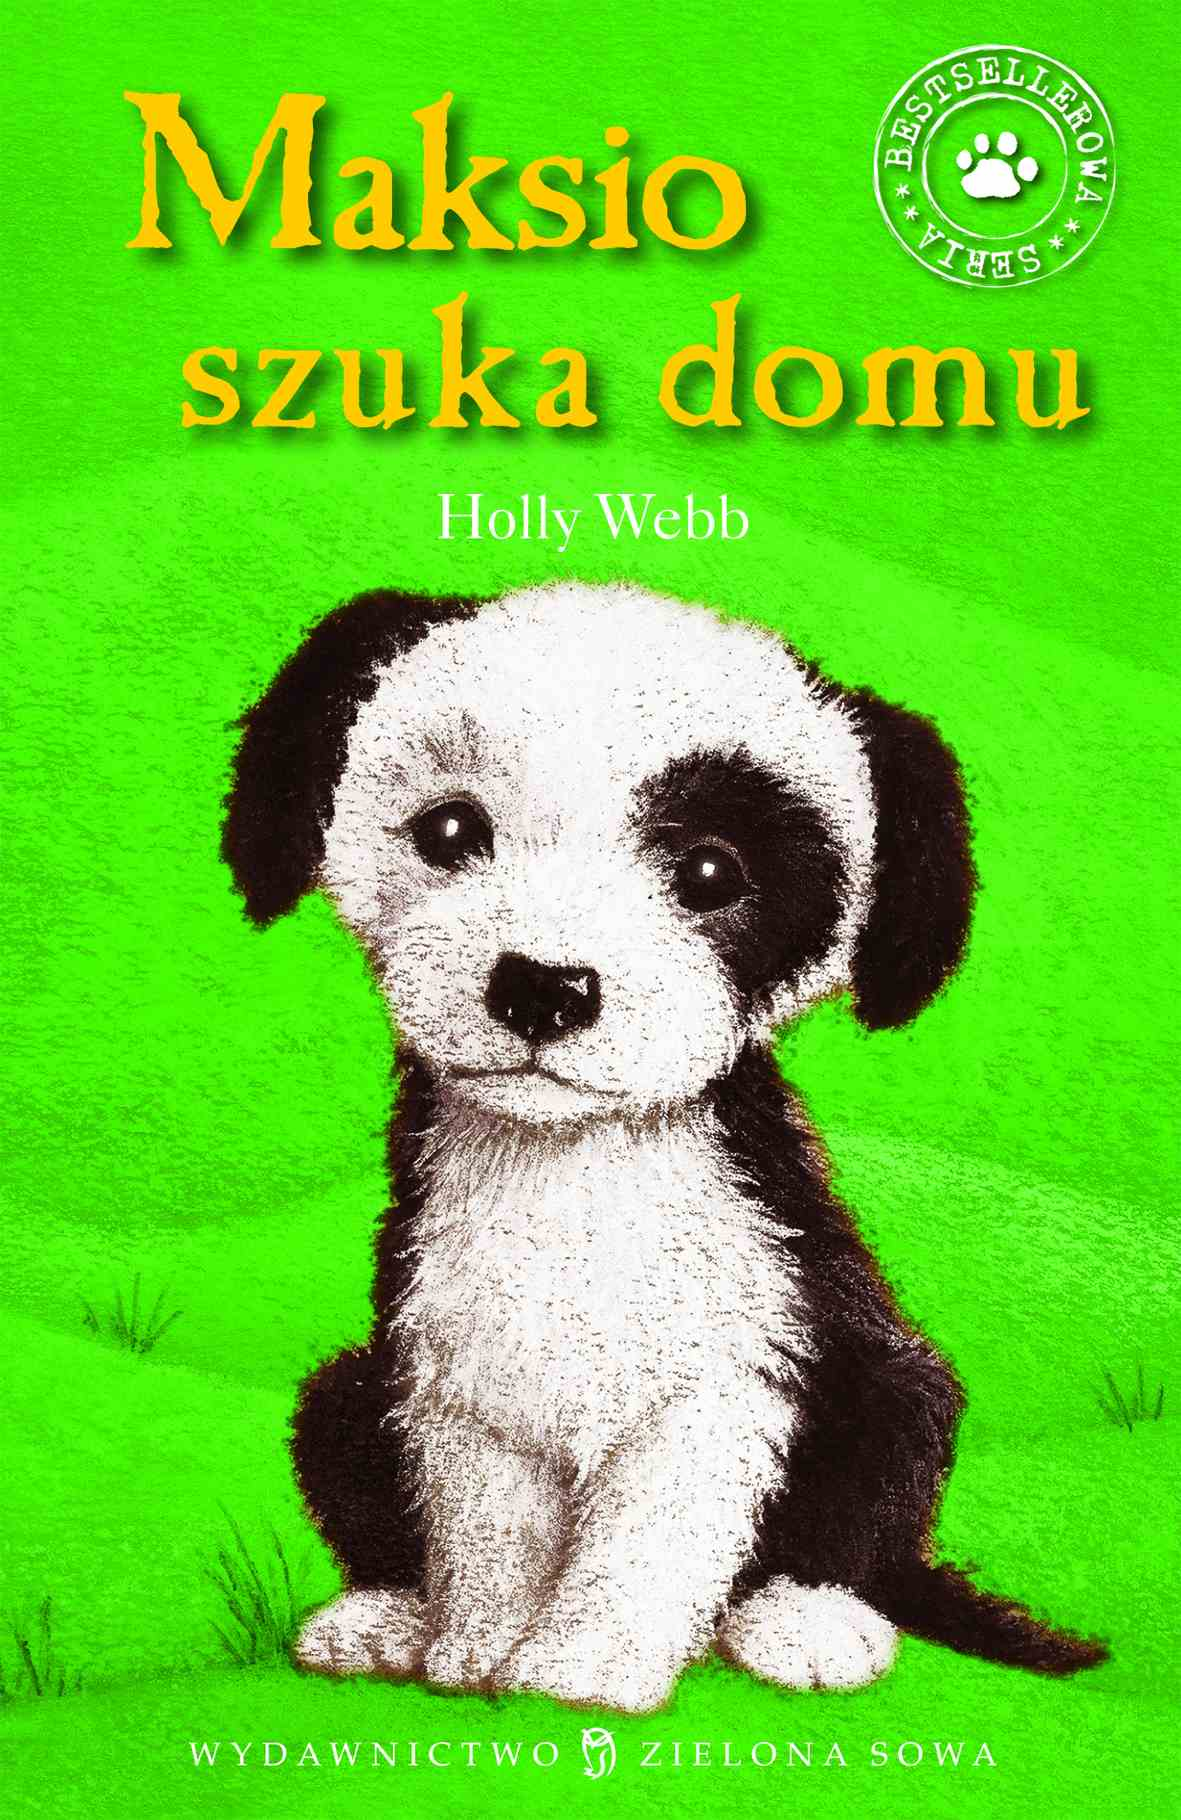 Maksio szuka domu - Ebook (Książka na Kindle) do pobrania w formacie MOBI